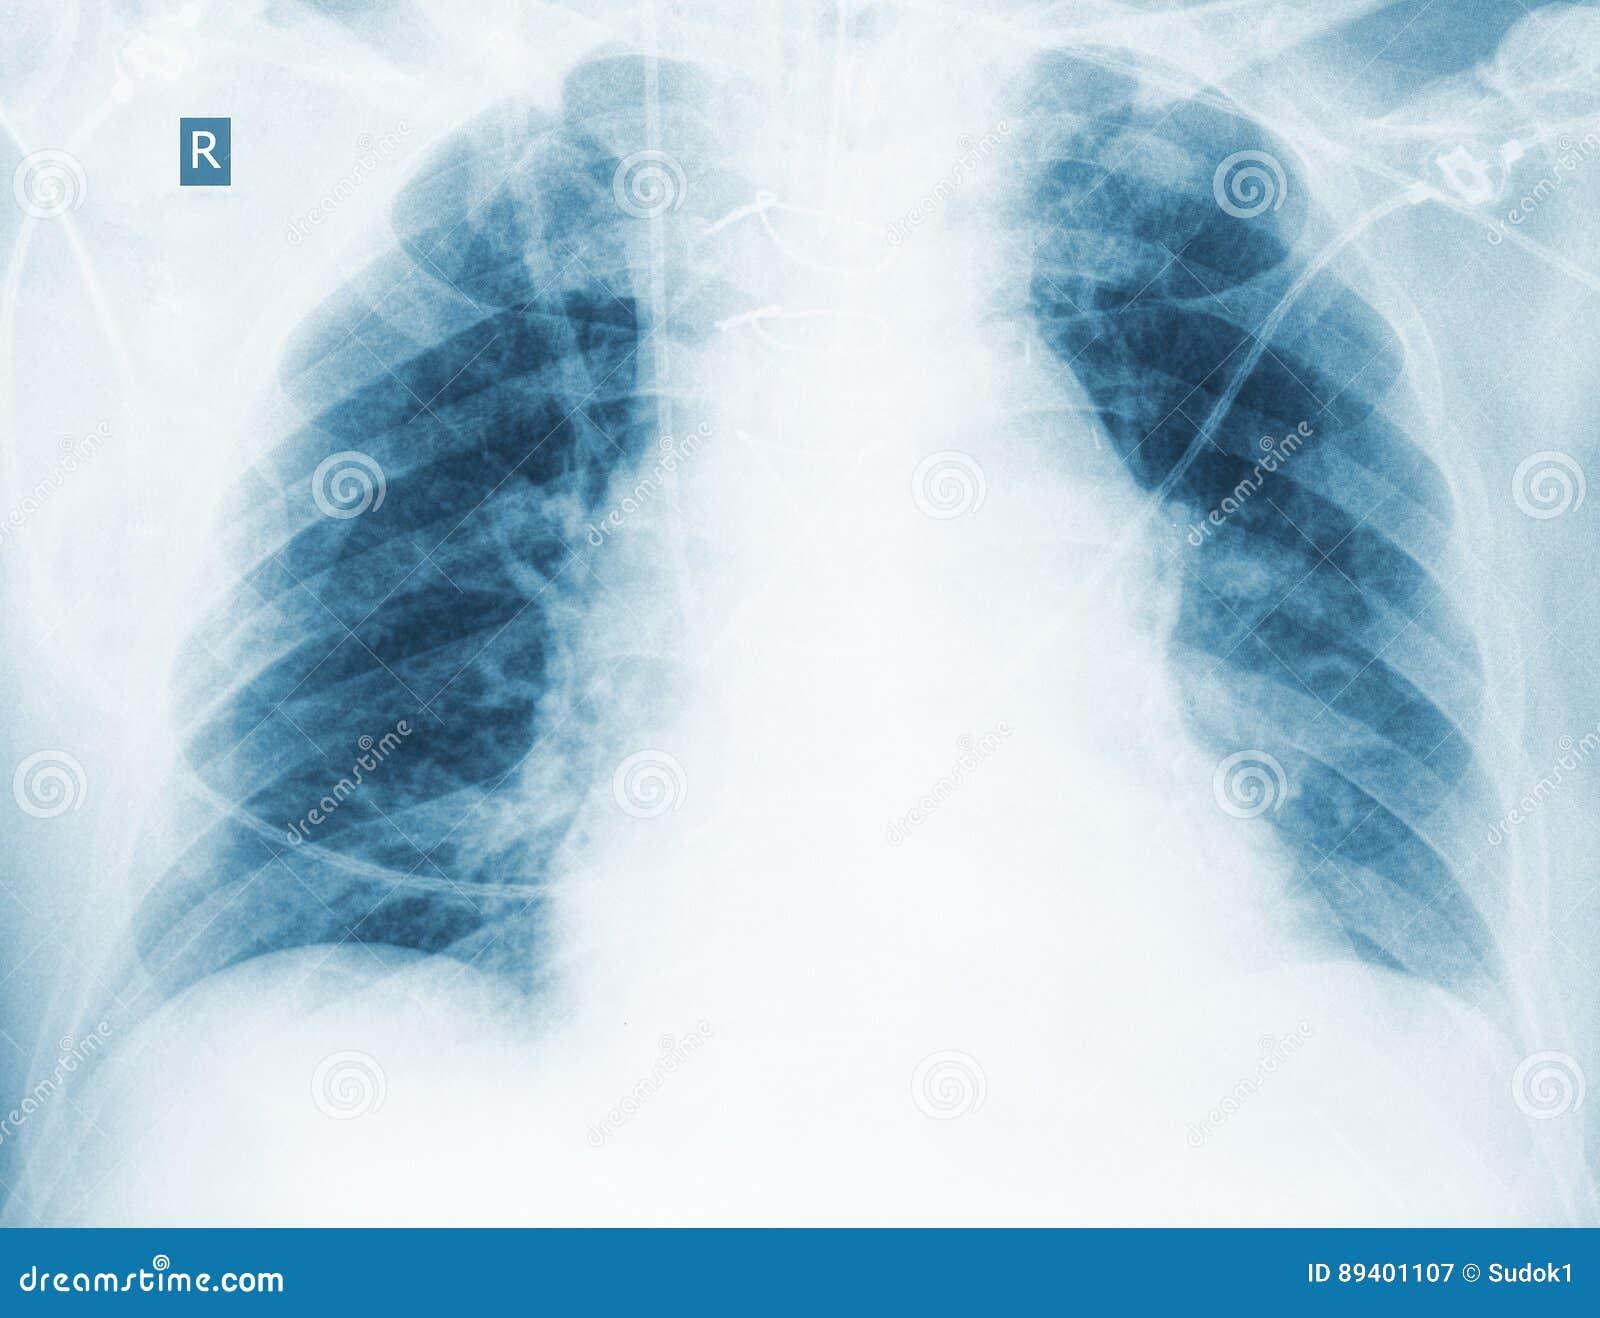 Controle radiológico da pneumonia hipoestática